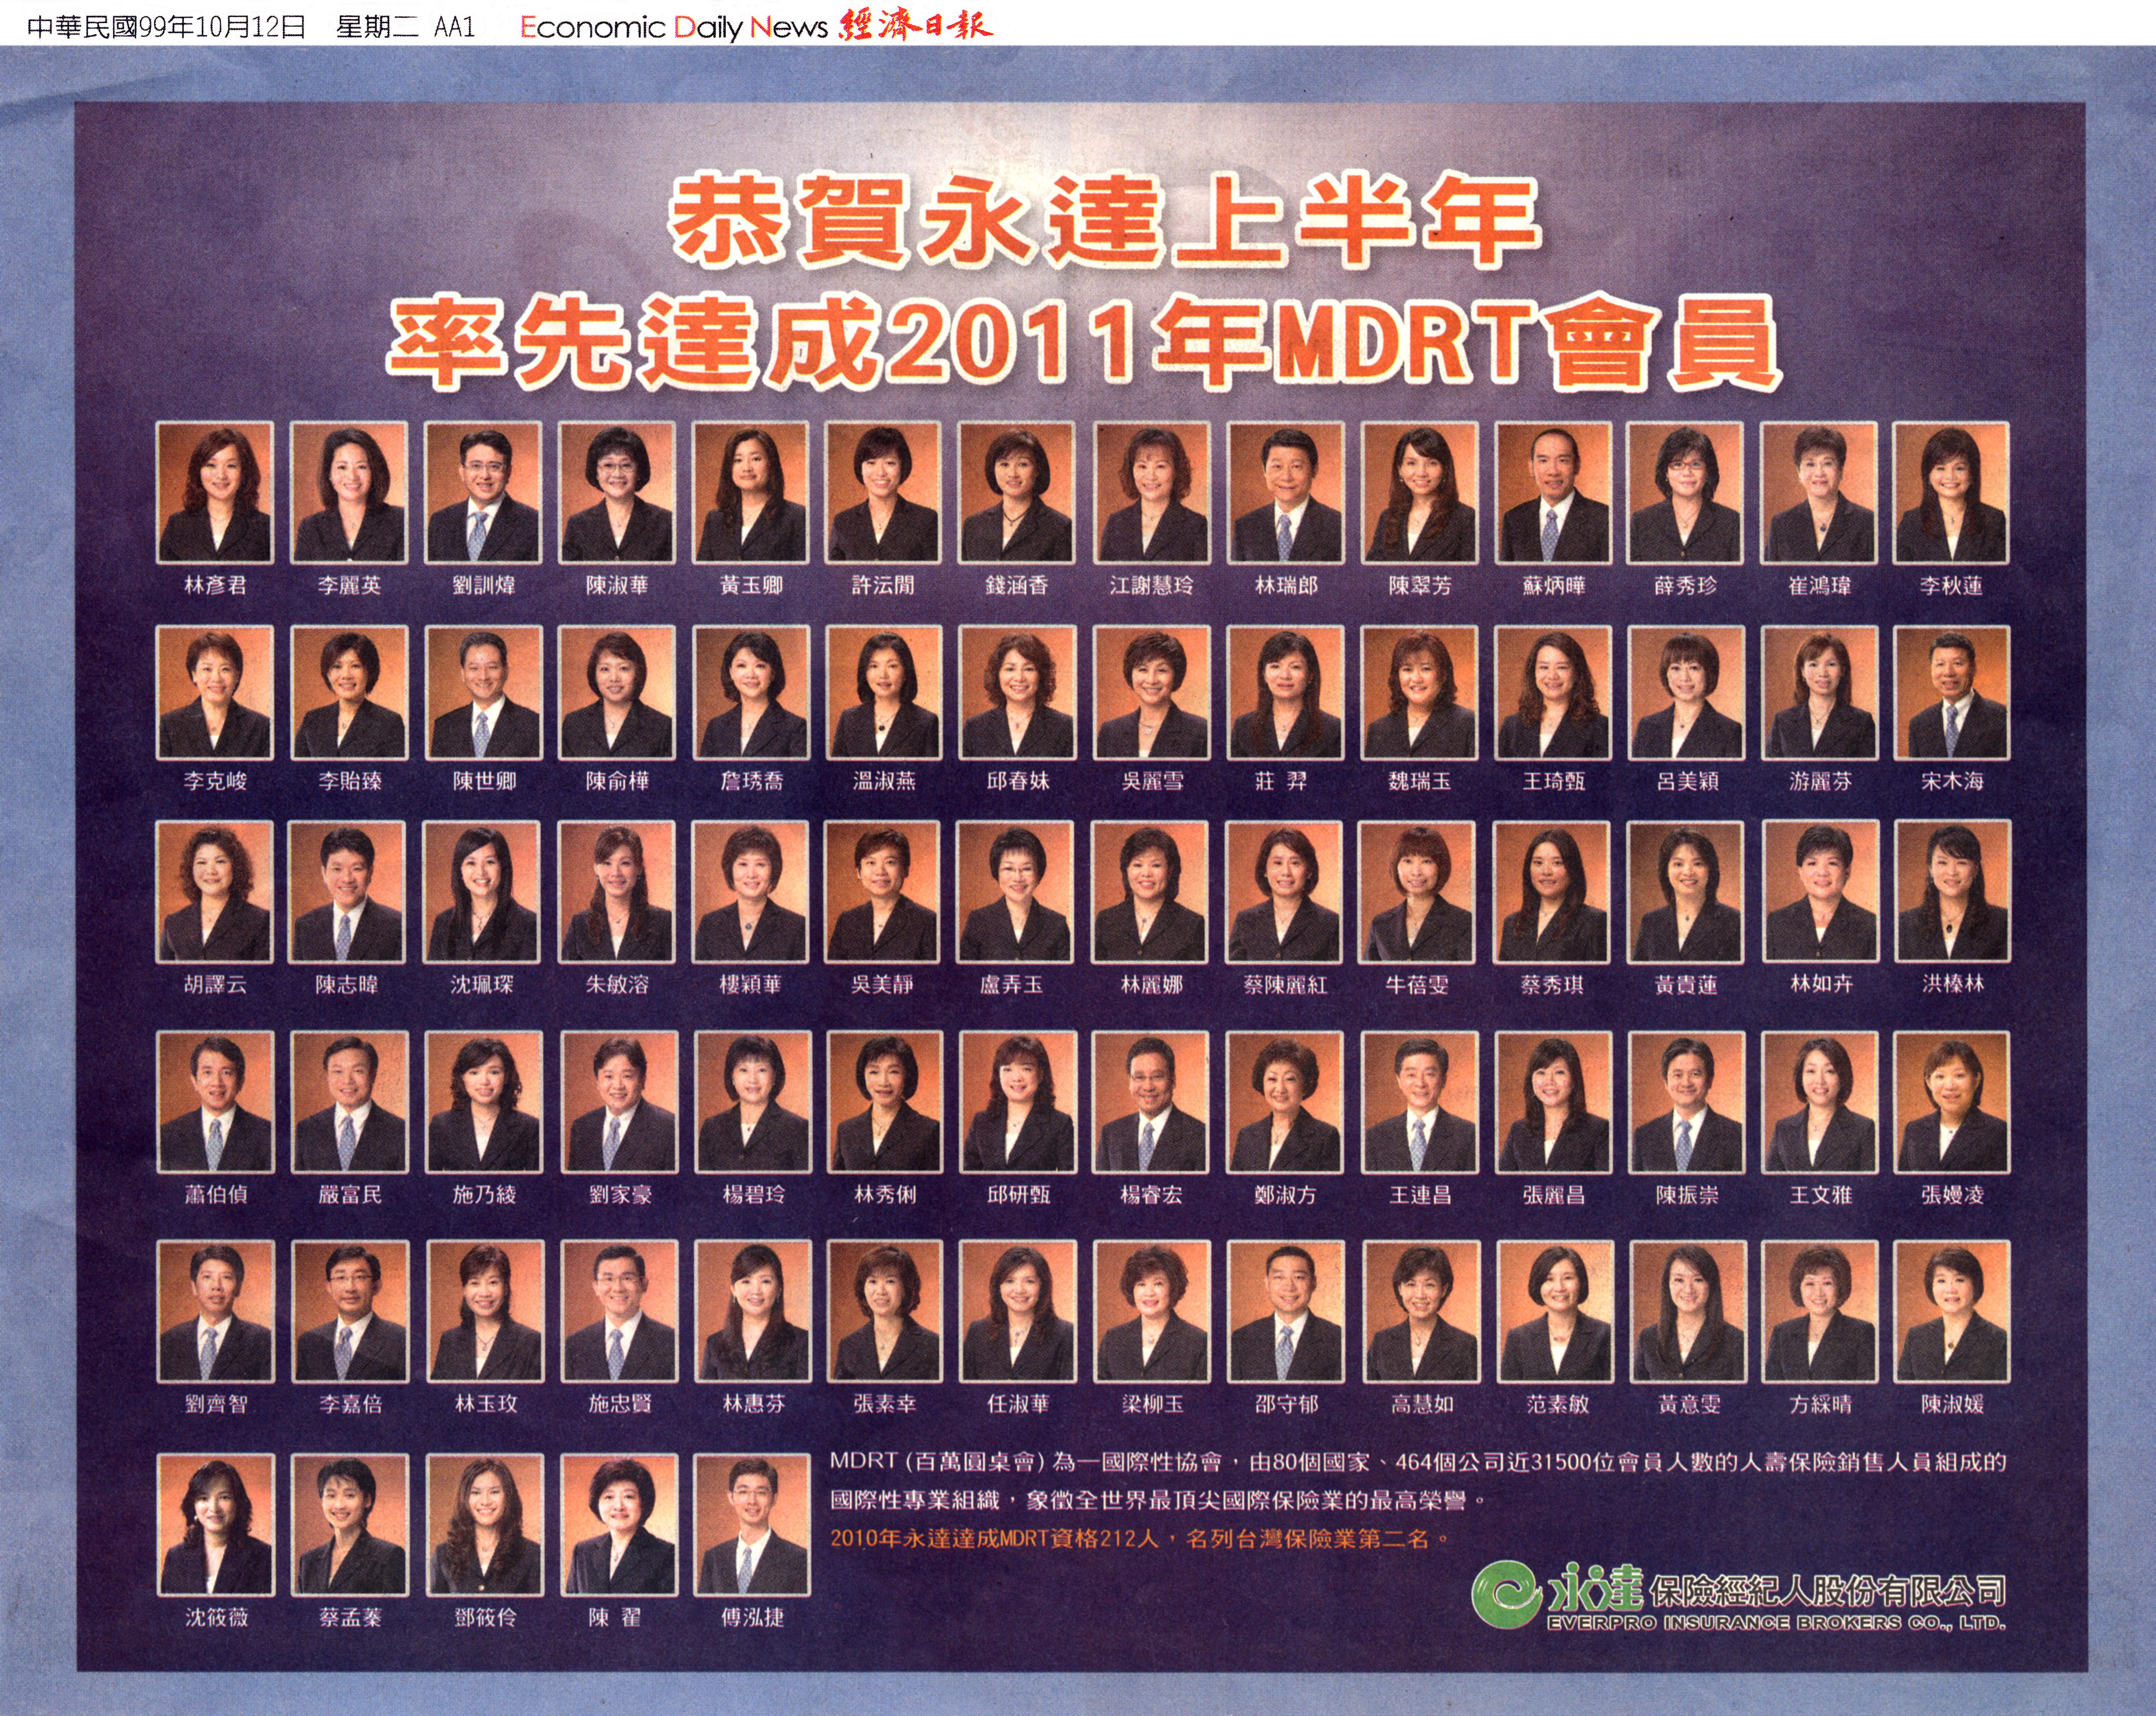 恭賀永達上半年率先達成2011年MDRT會員—經濟日報圖檔